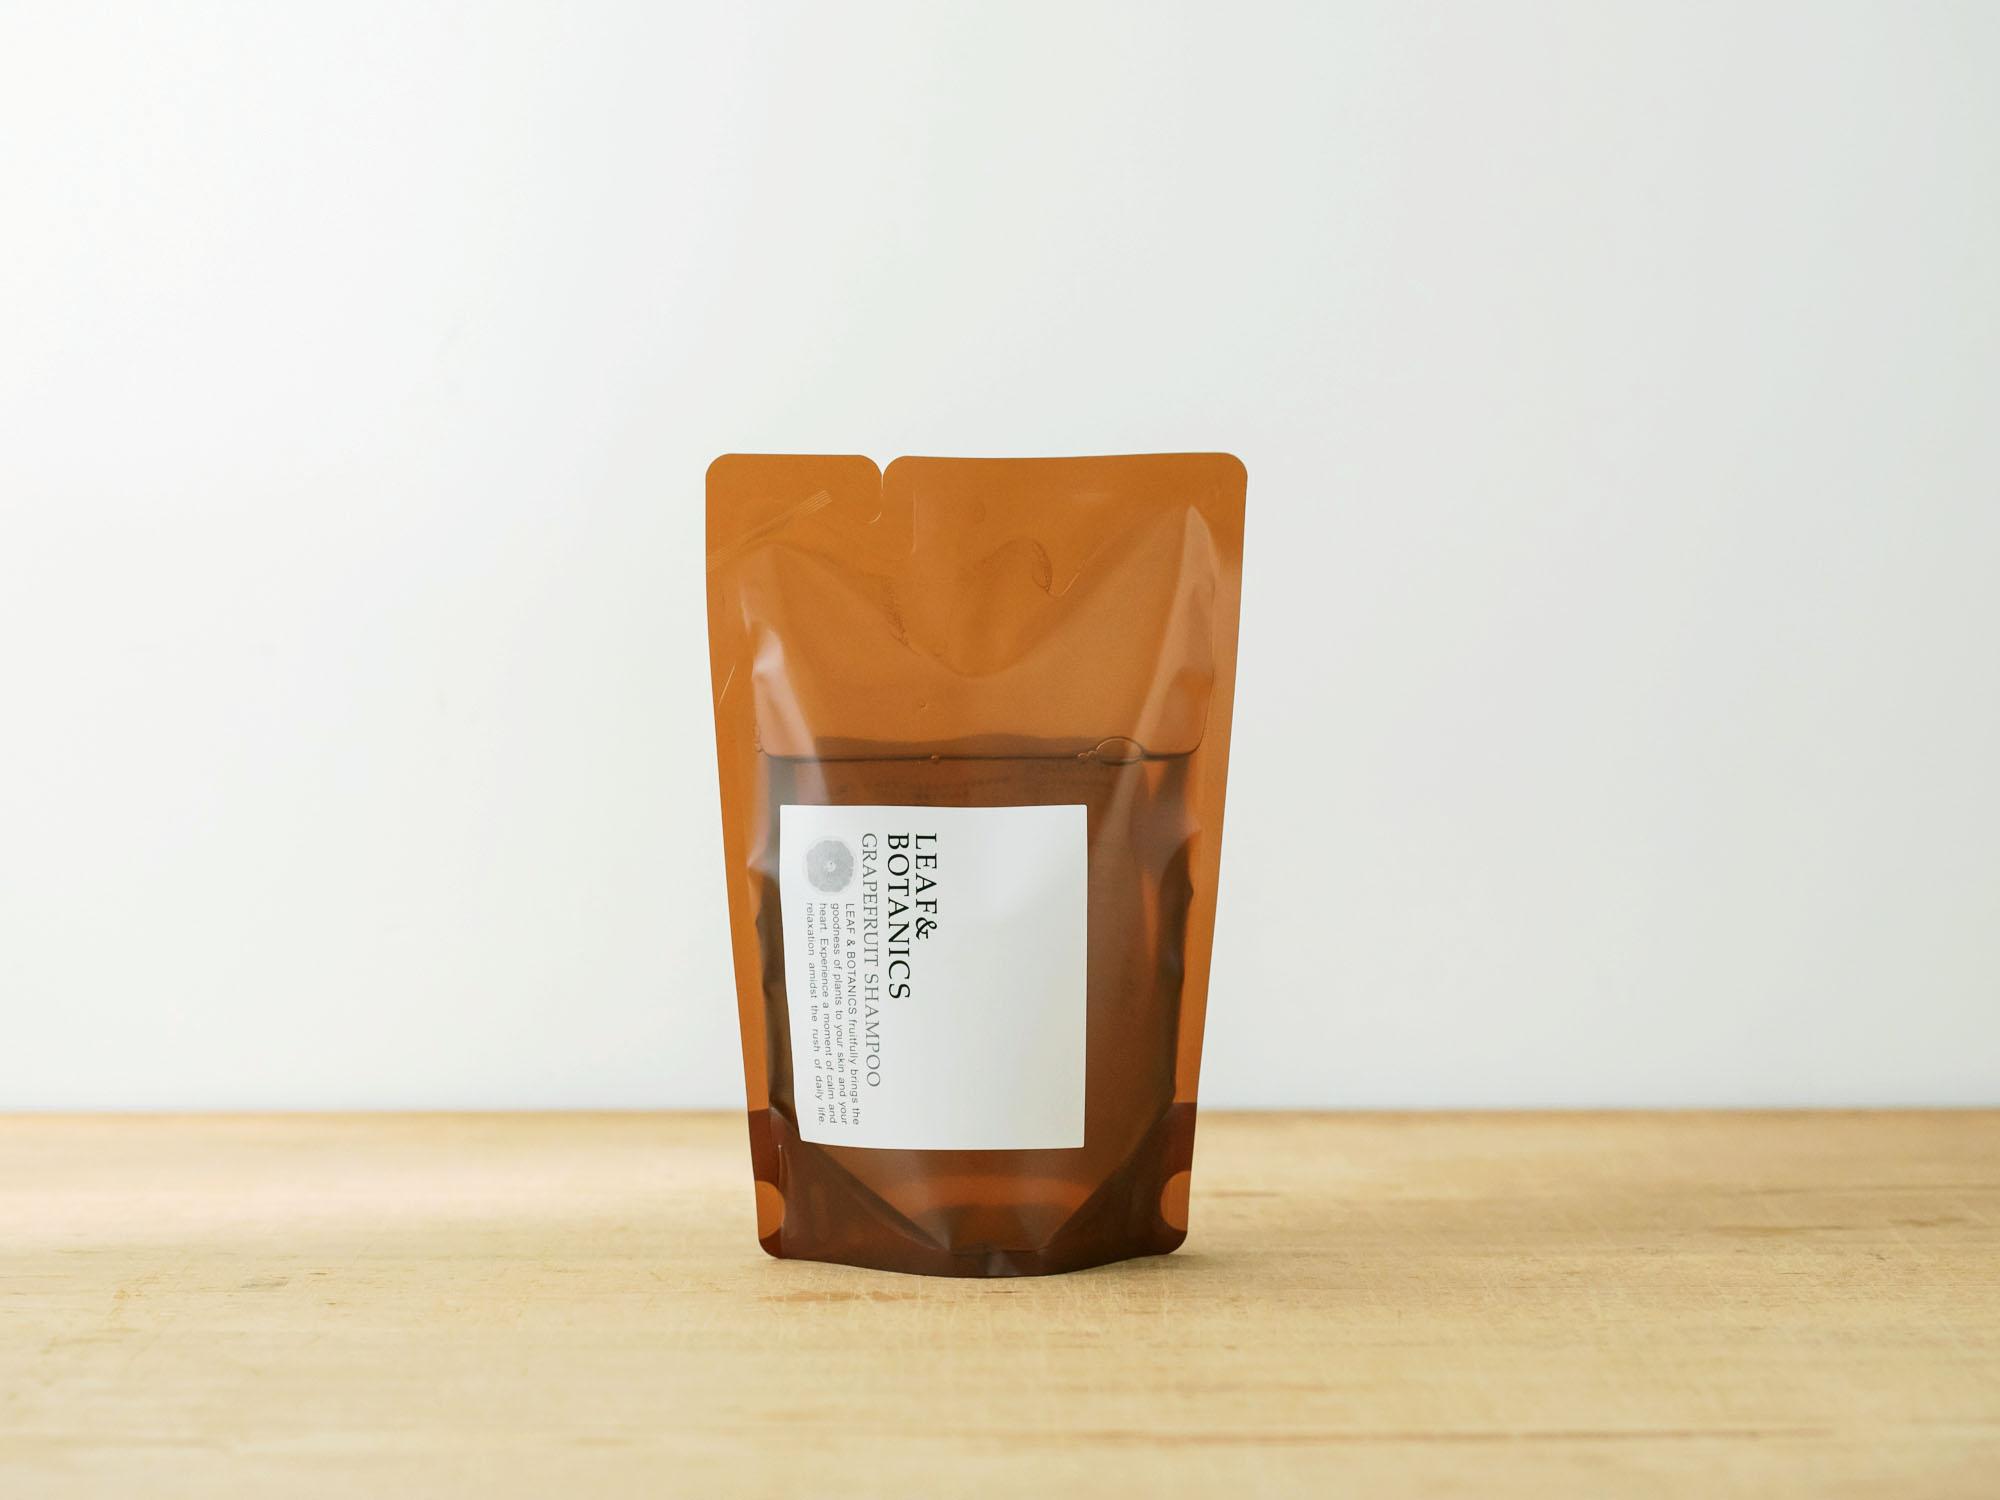 松山油脂 LEAF&BOTANICS シャンプー グレープフルーツ